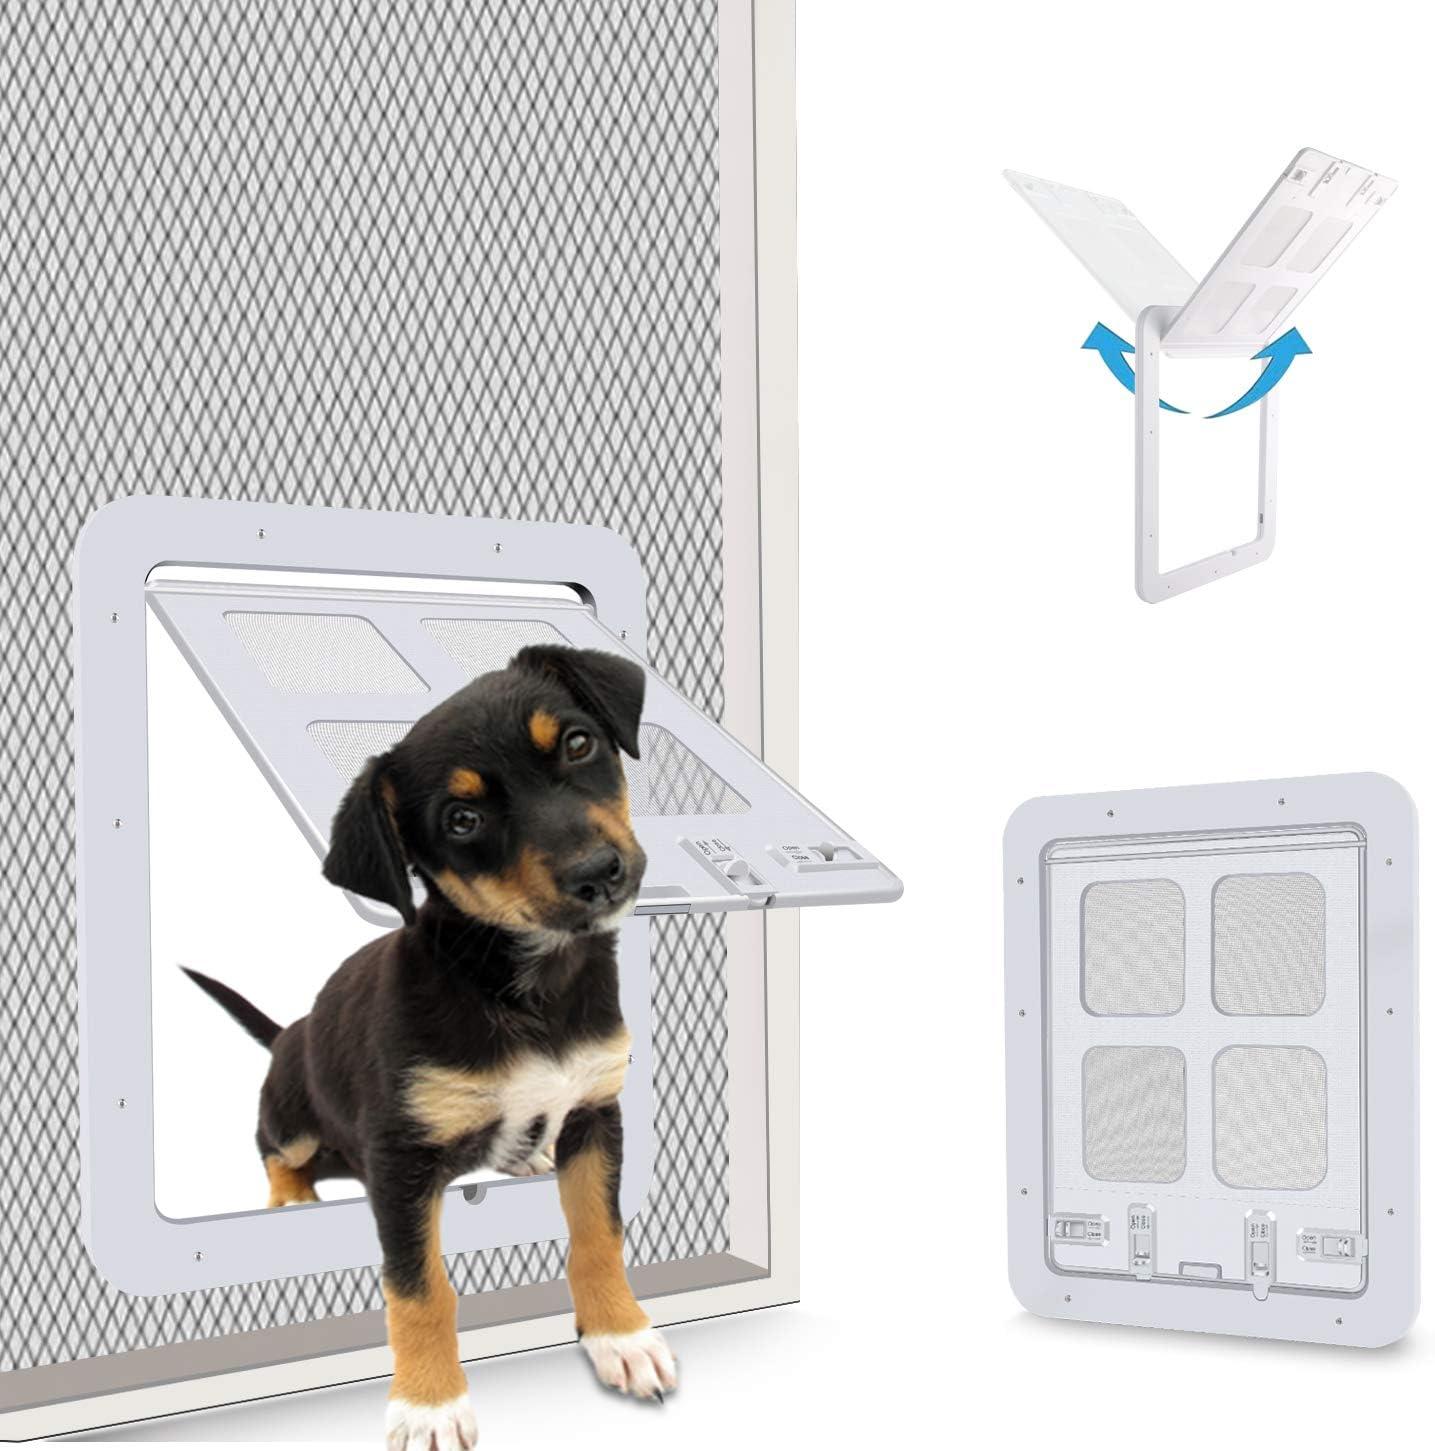 CEESC Puerta de mosquitera para Mascotas para Gatos y Perritos, Puerta corredera con Cerradura de 4 vías para Puertas Exteriores, Solapa de Gato Grande para Mascotas con Circunferencia <60cm (Blanco): Amazon.es: Productos